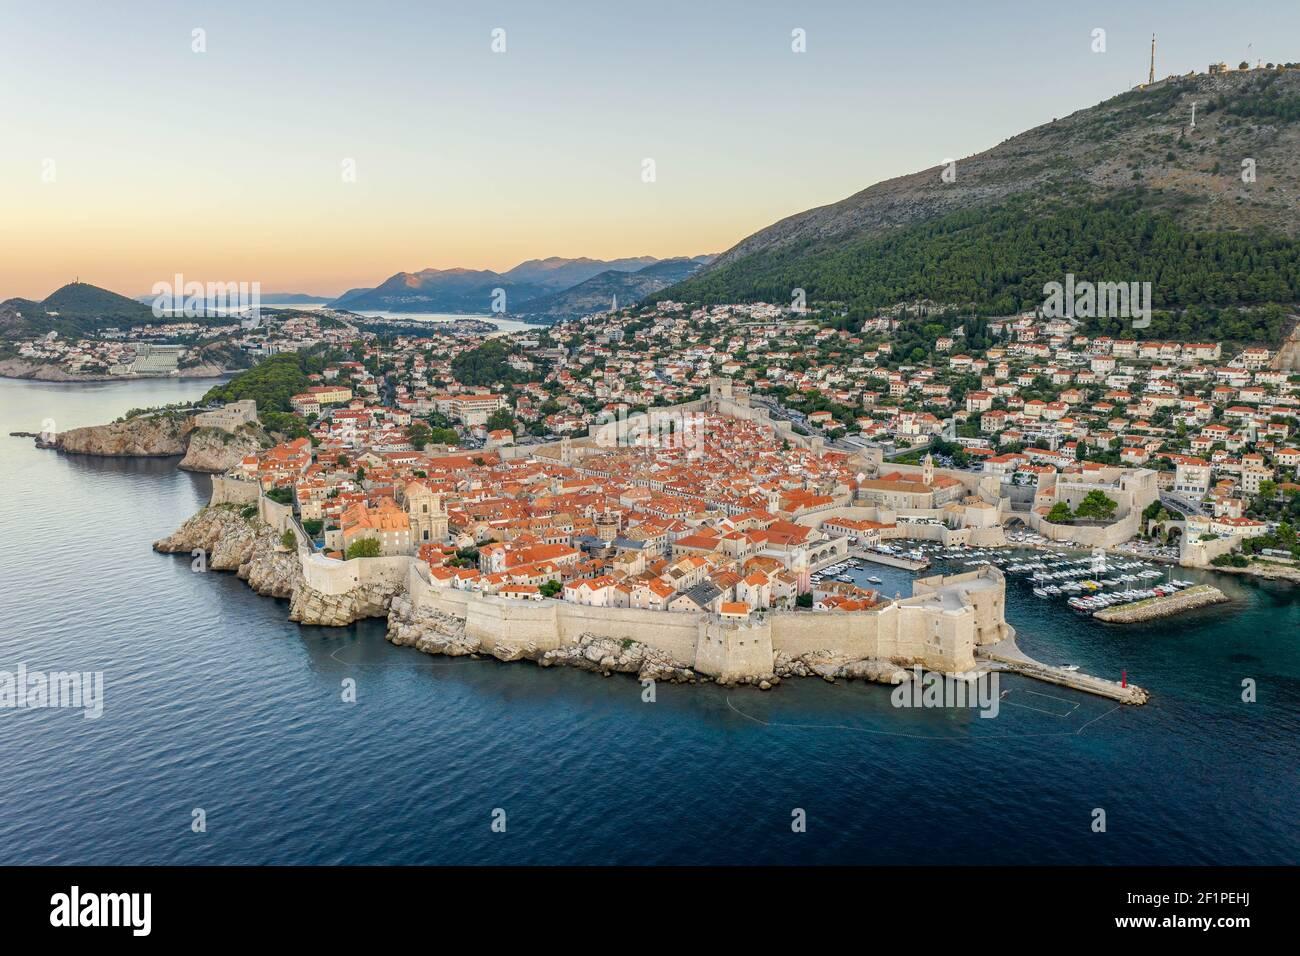 Foto aerea di un drone delle mura della città di Dubrovnik nel mare Adriatico In Croazia estate con vista della montagna SRD prima dell'alba Foto Stock